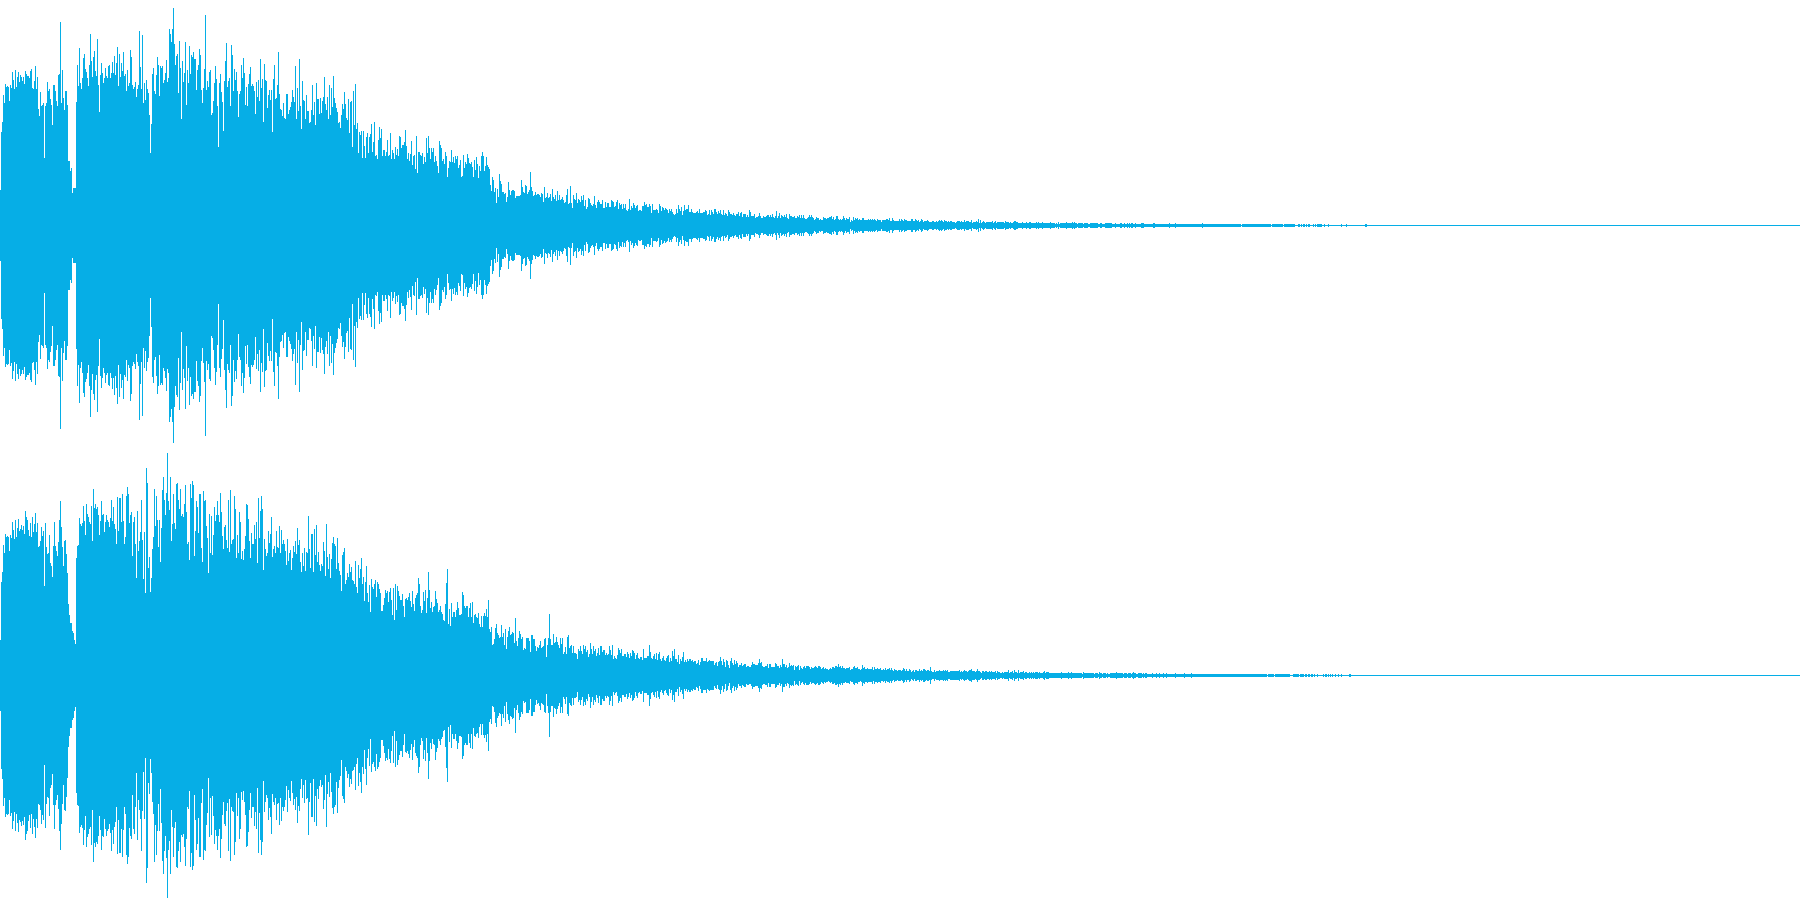 ピコピコ キューン ヒューン シューンCの再生済みの波形